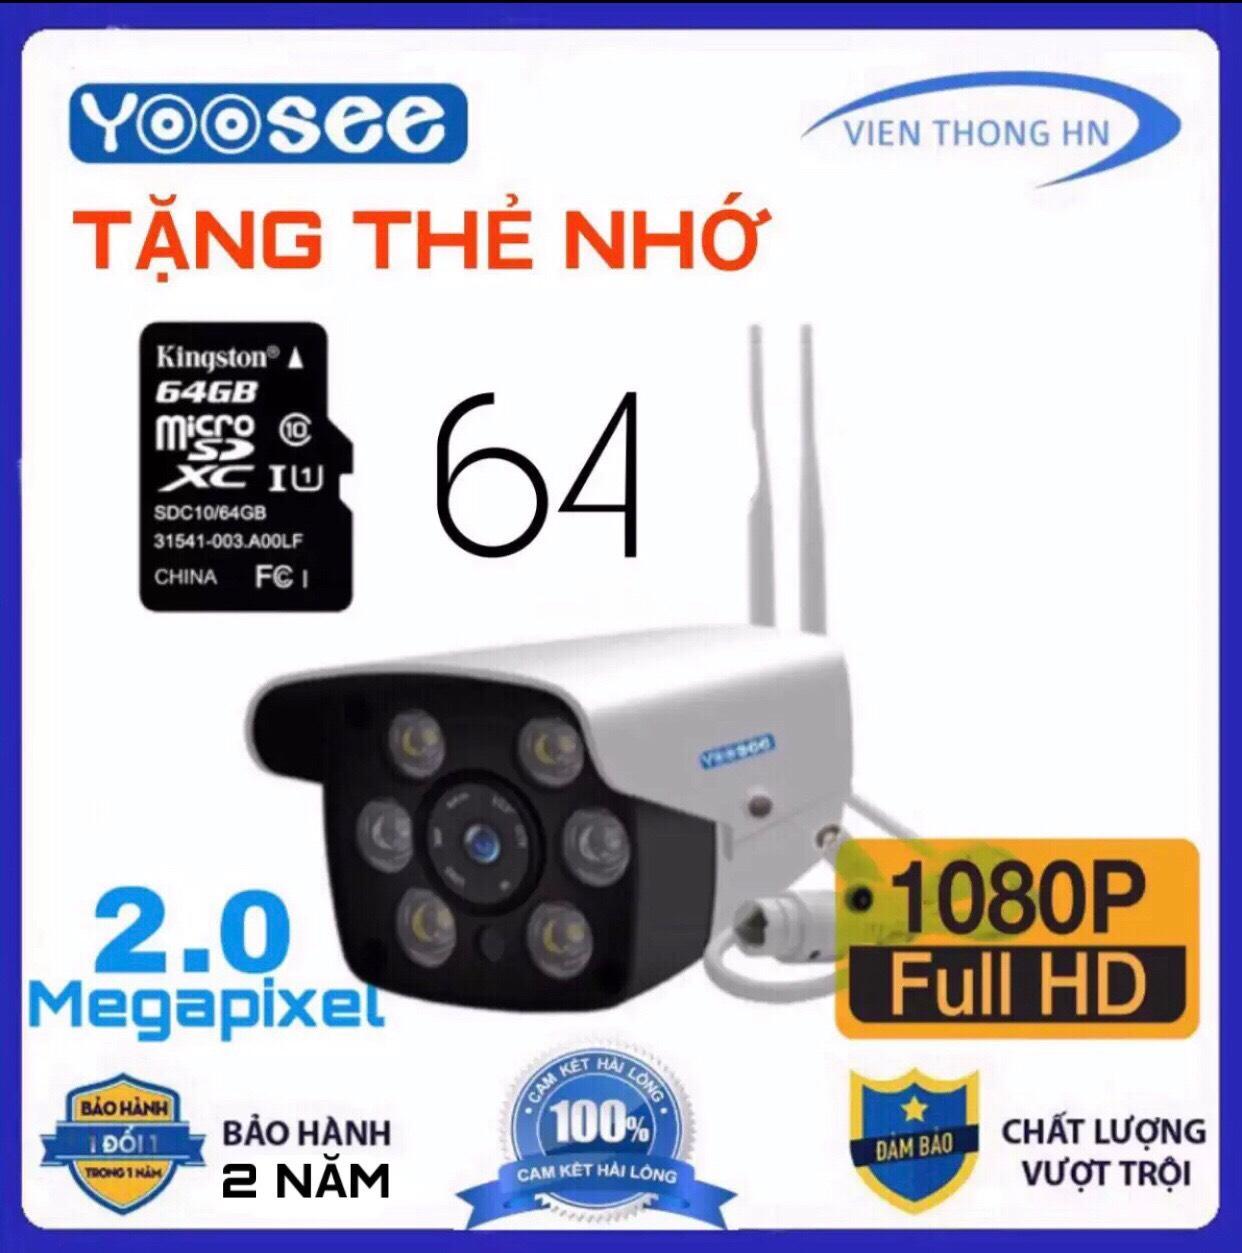 [CÓ MẦU BAN ĐÊM ] LƯU TRỮ 64GB camera wifi 2.0 ngoài trời - trong nhà camera yoosee 2.0 Mpx full hd 1080p - hỗ trợ 2 đèn hồng ngoại và 4 đèn LED + kèm thẻ nhớ 64 - NEW